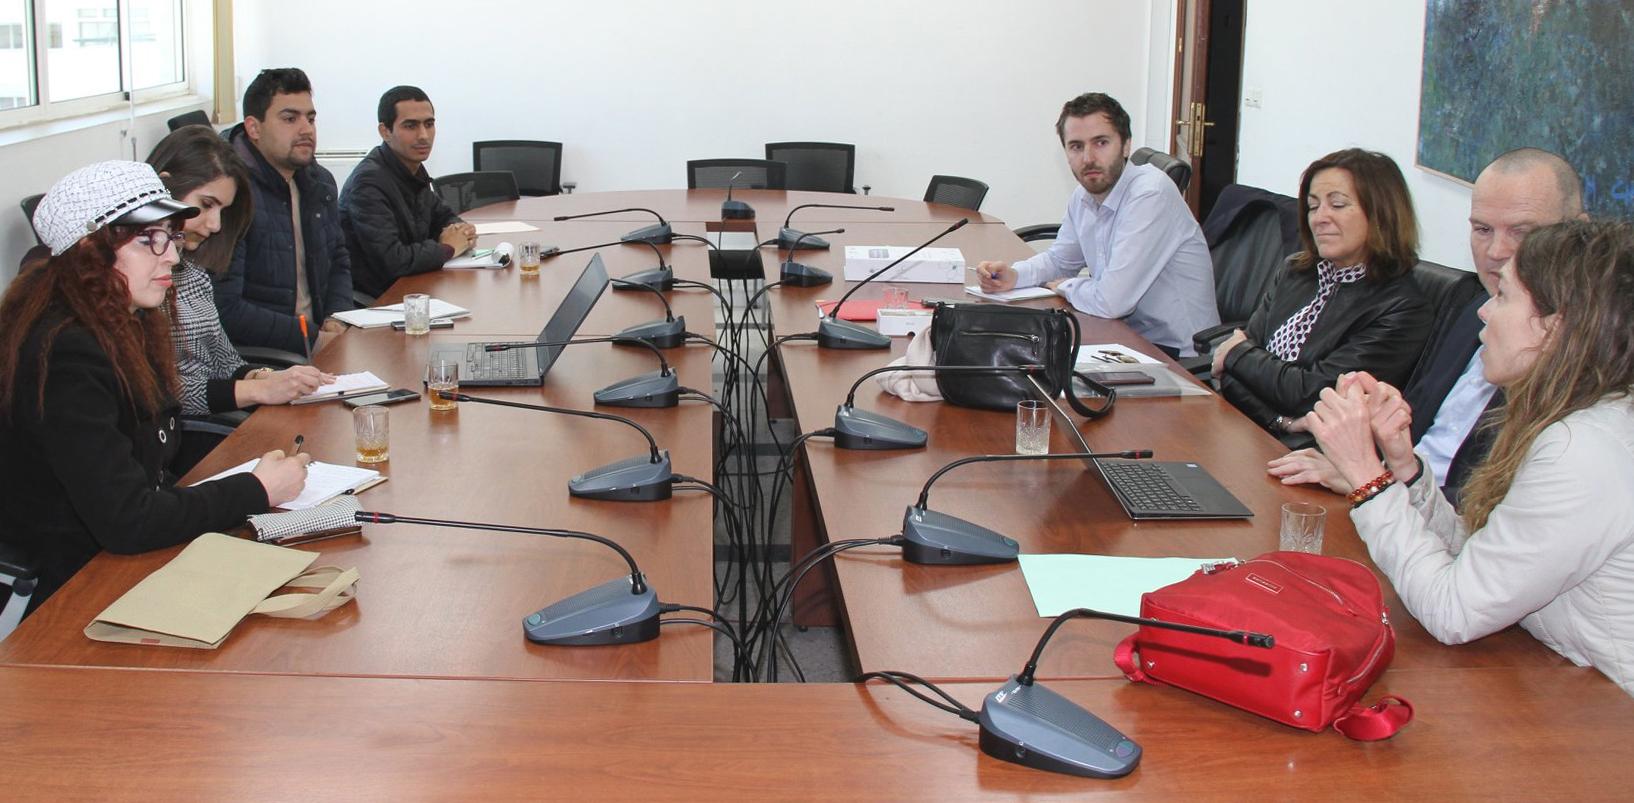 Les huit protagonistes sont assis autour d'une table de réunion.